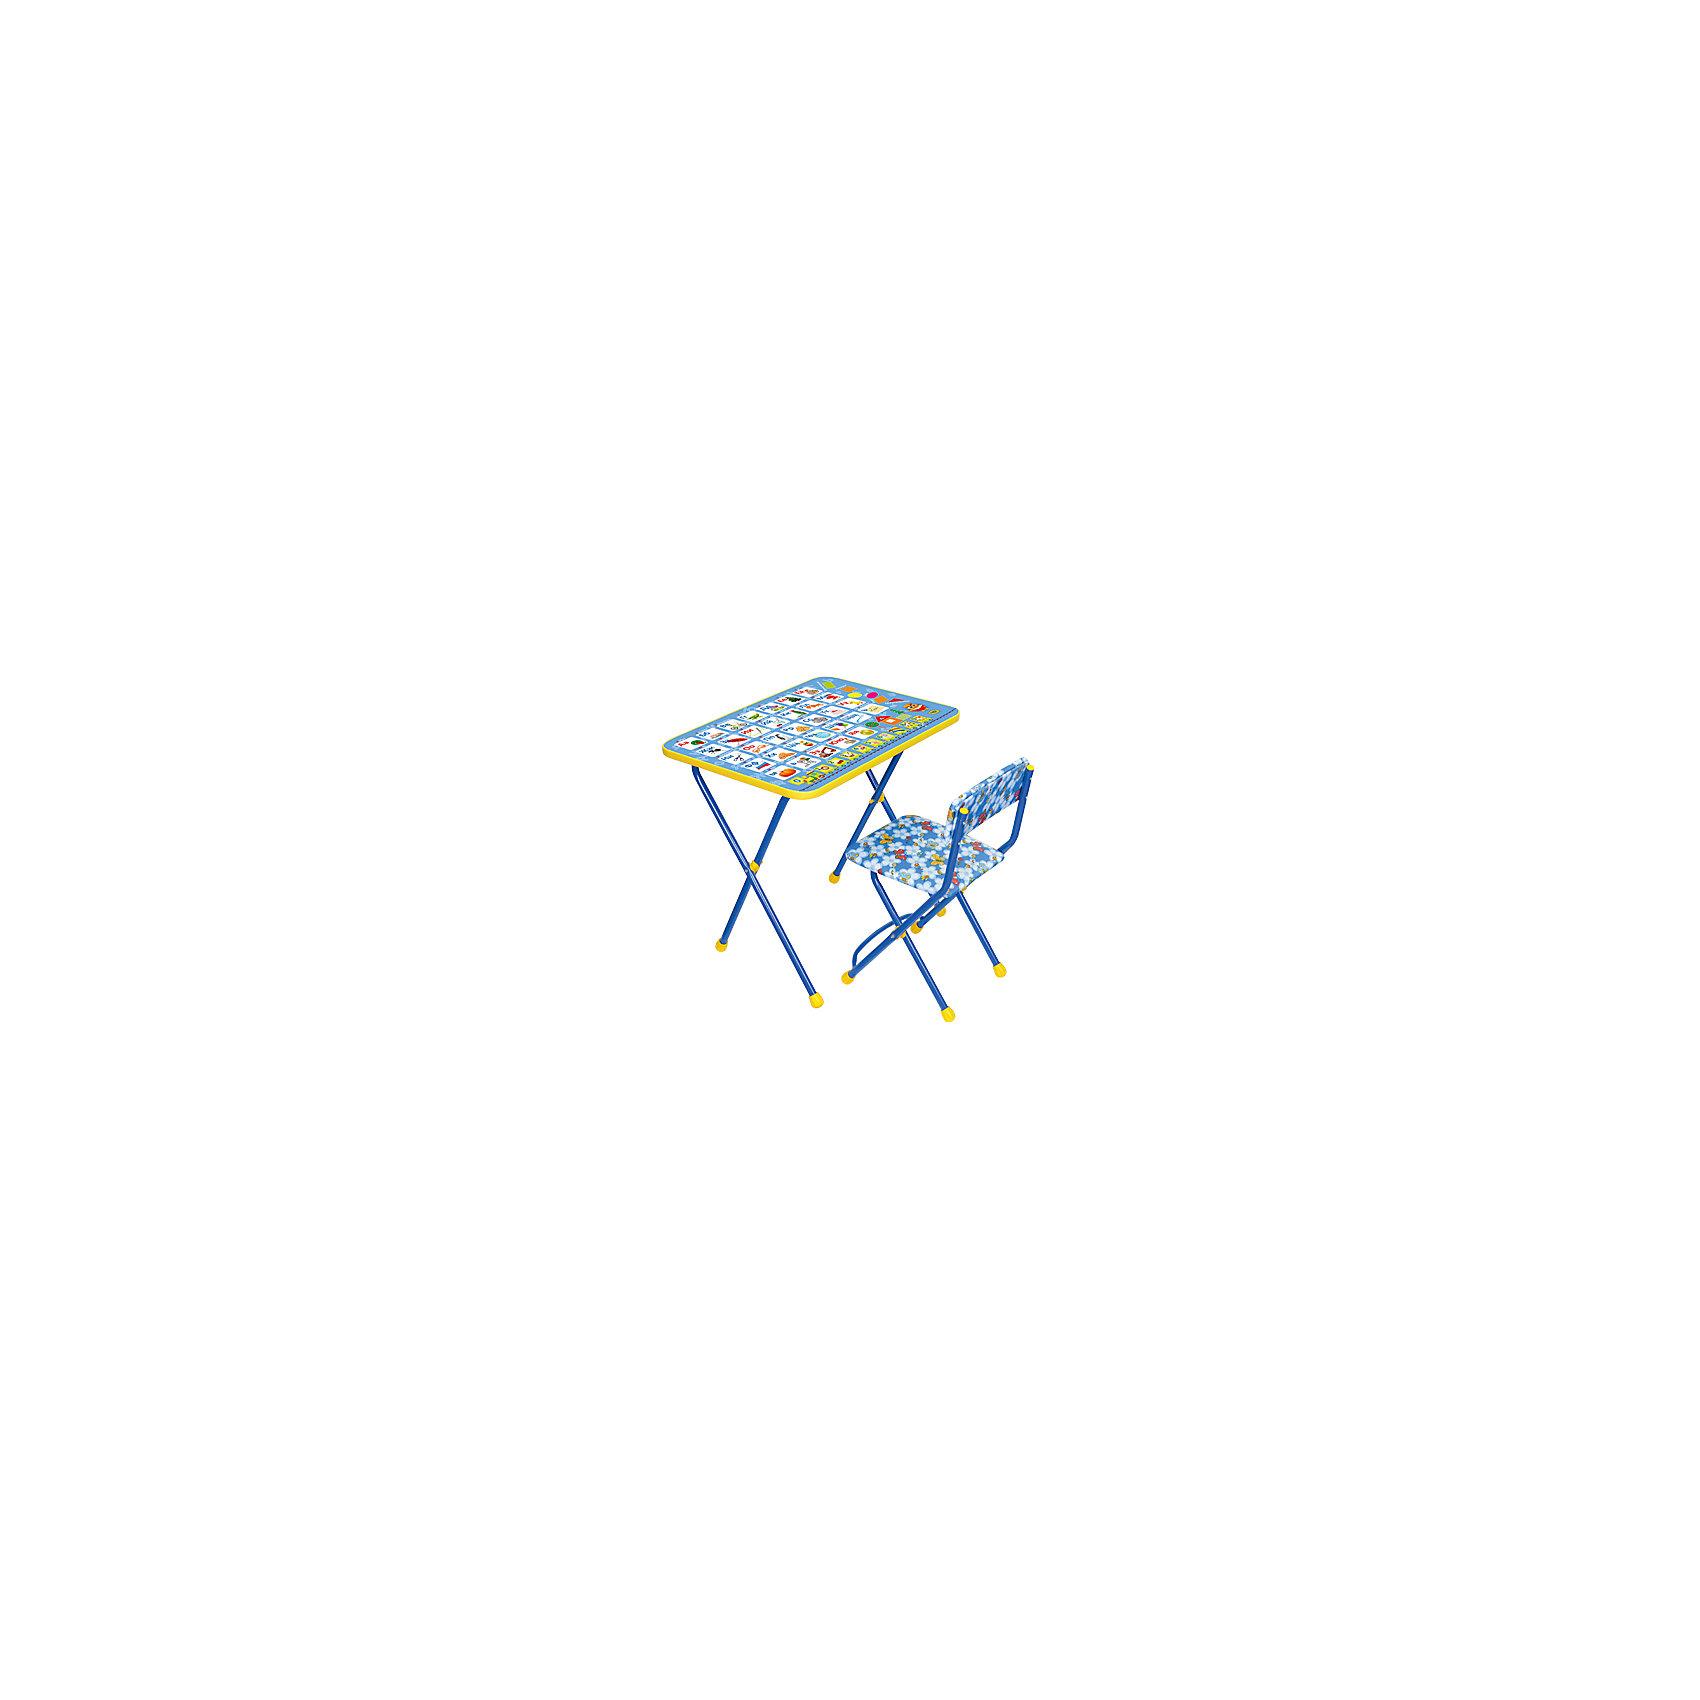 Набор мебели Азбука, КП2/9, НикаМебель<br>Набор детской мебели Азбука состоит из двух предметов: стол-парта и стульчик.  На крышке столика изображен алфавит с картинками. <br><br>Дополнительная информация:<br><br>В комплект входит стол-парта и стул с мягким сиденьем.<br>- Металлический каркас.<br>- Столешница облицована пленкой с тематическими рисунками.<br>- На ножках стула установлены пластмассовые наконечники.<br>- Размер столика: 59х45х57 см.<br>- Размер стула: высота до сиденья 32 см, высота со спинкой 56 см.<br>Сиденье: 30х27 см.<br>- Возраст: от 3-х лет<br><br>Набор мебели Азбука можно купить в нашем магазине.<br><br>Ширина мм: 580<br>Глубина мм: 120<br>Высота мм: 450<br>Вес г: 8000<br>Возраст от месяцев: 36<br>Возраст до месяцев: 84<br>Пол: Унисекс<br>Возраст: Детский<br>SKU: 4718350